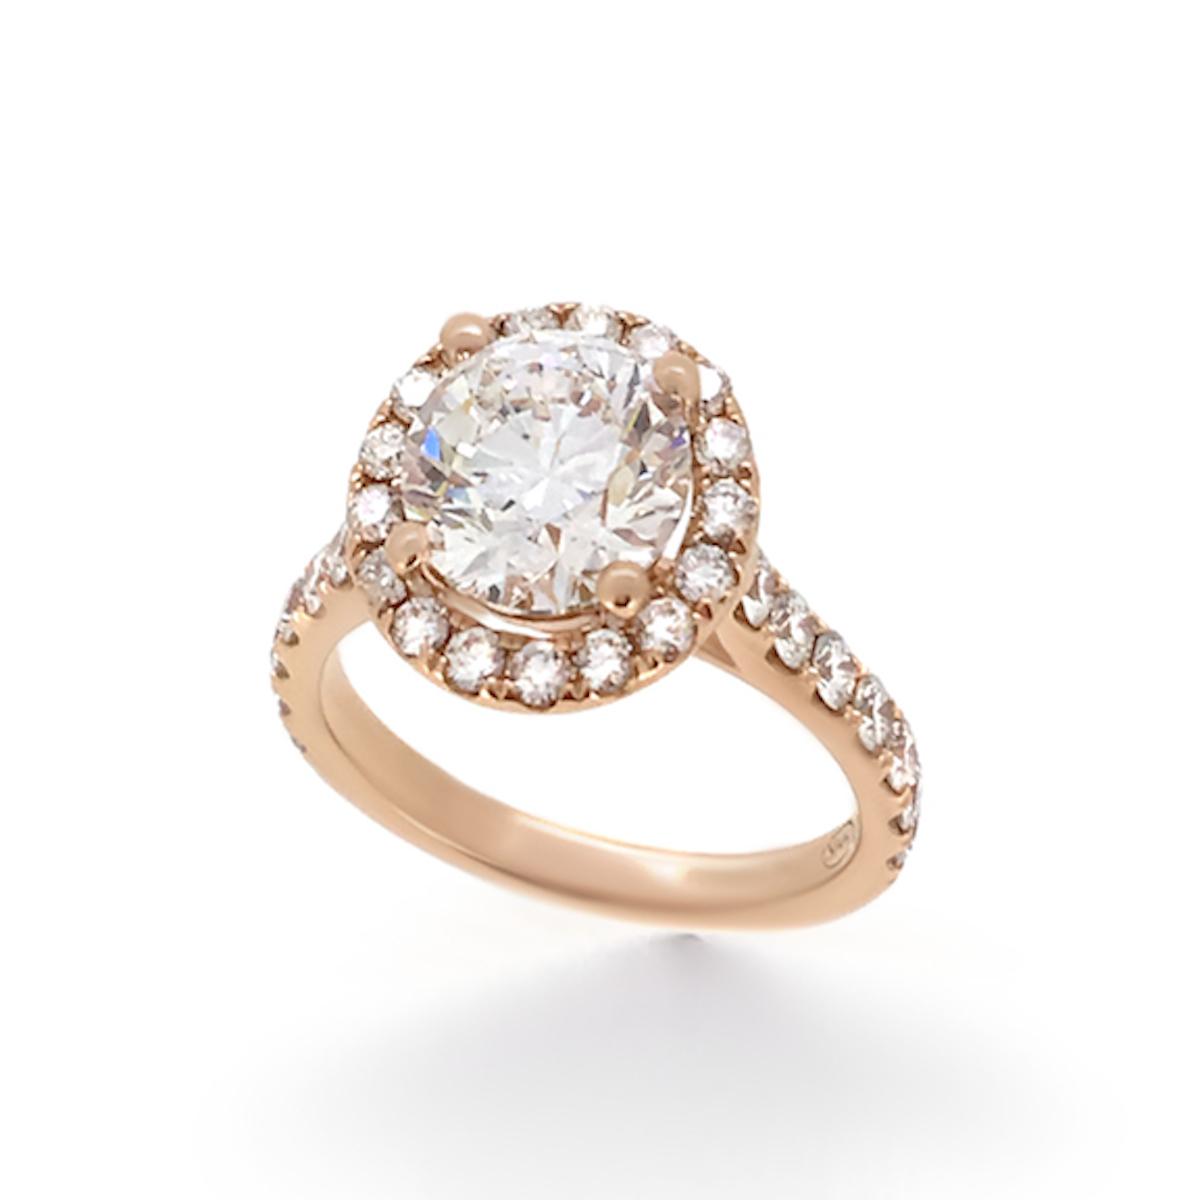 Rose Gold Halo Diamond Engagement Ring - Haywards of Hong Kong